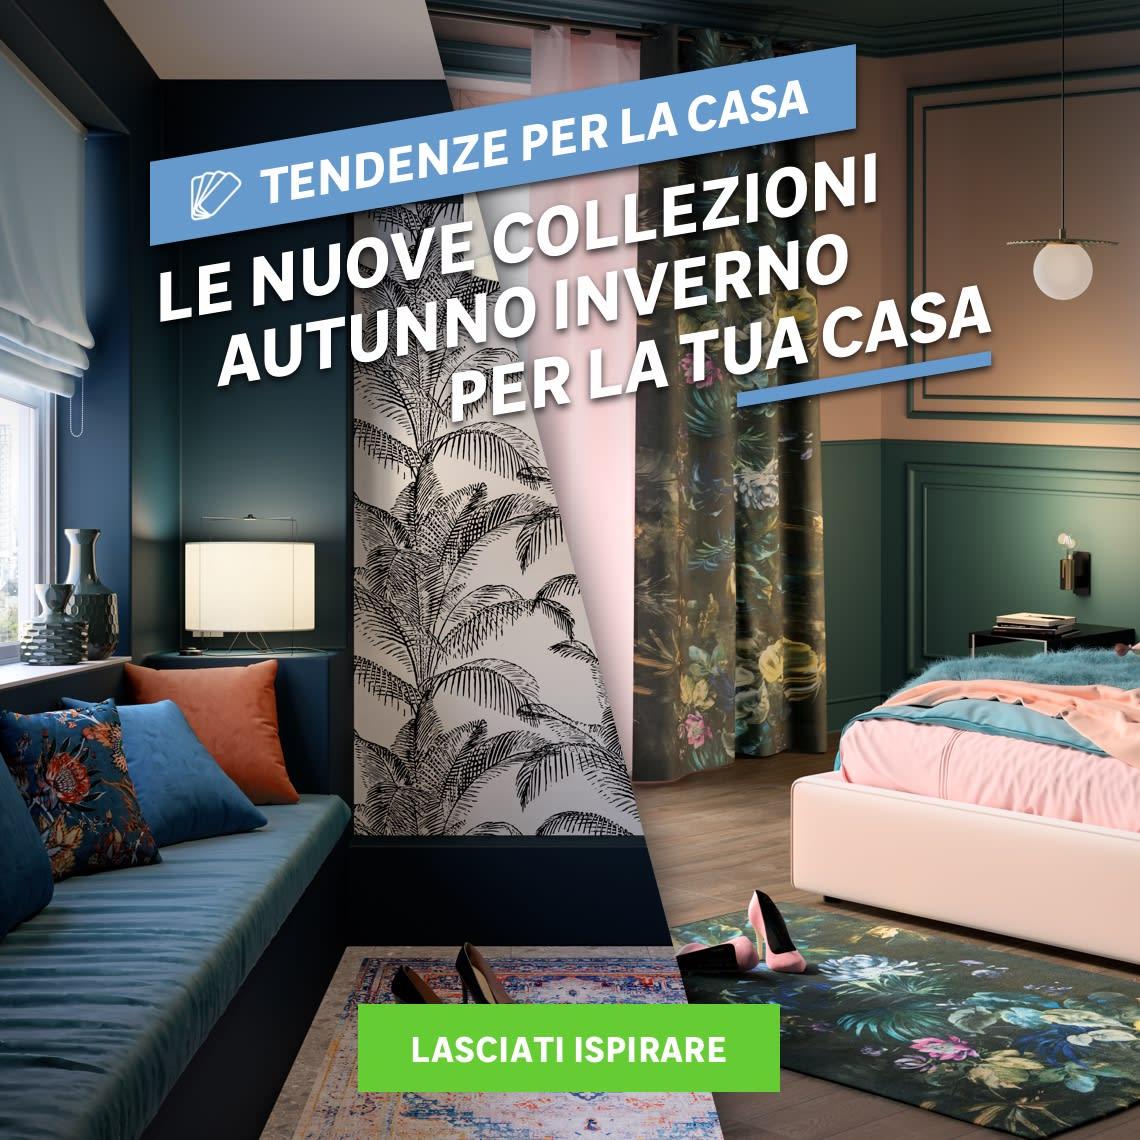 Catalogo idee e progetti: Stili e tendenze per la casa